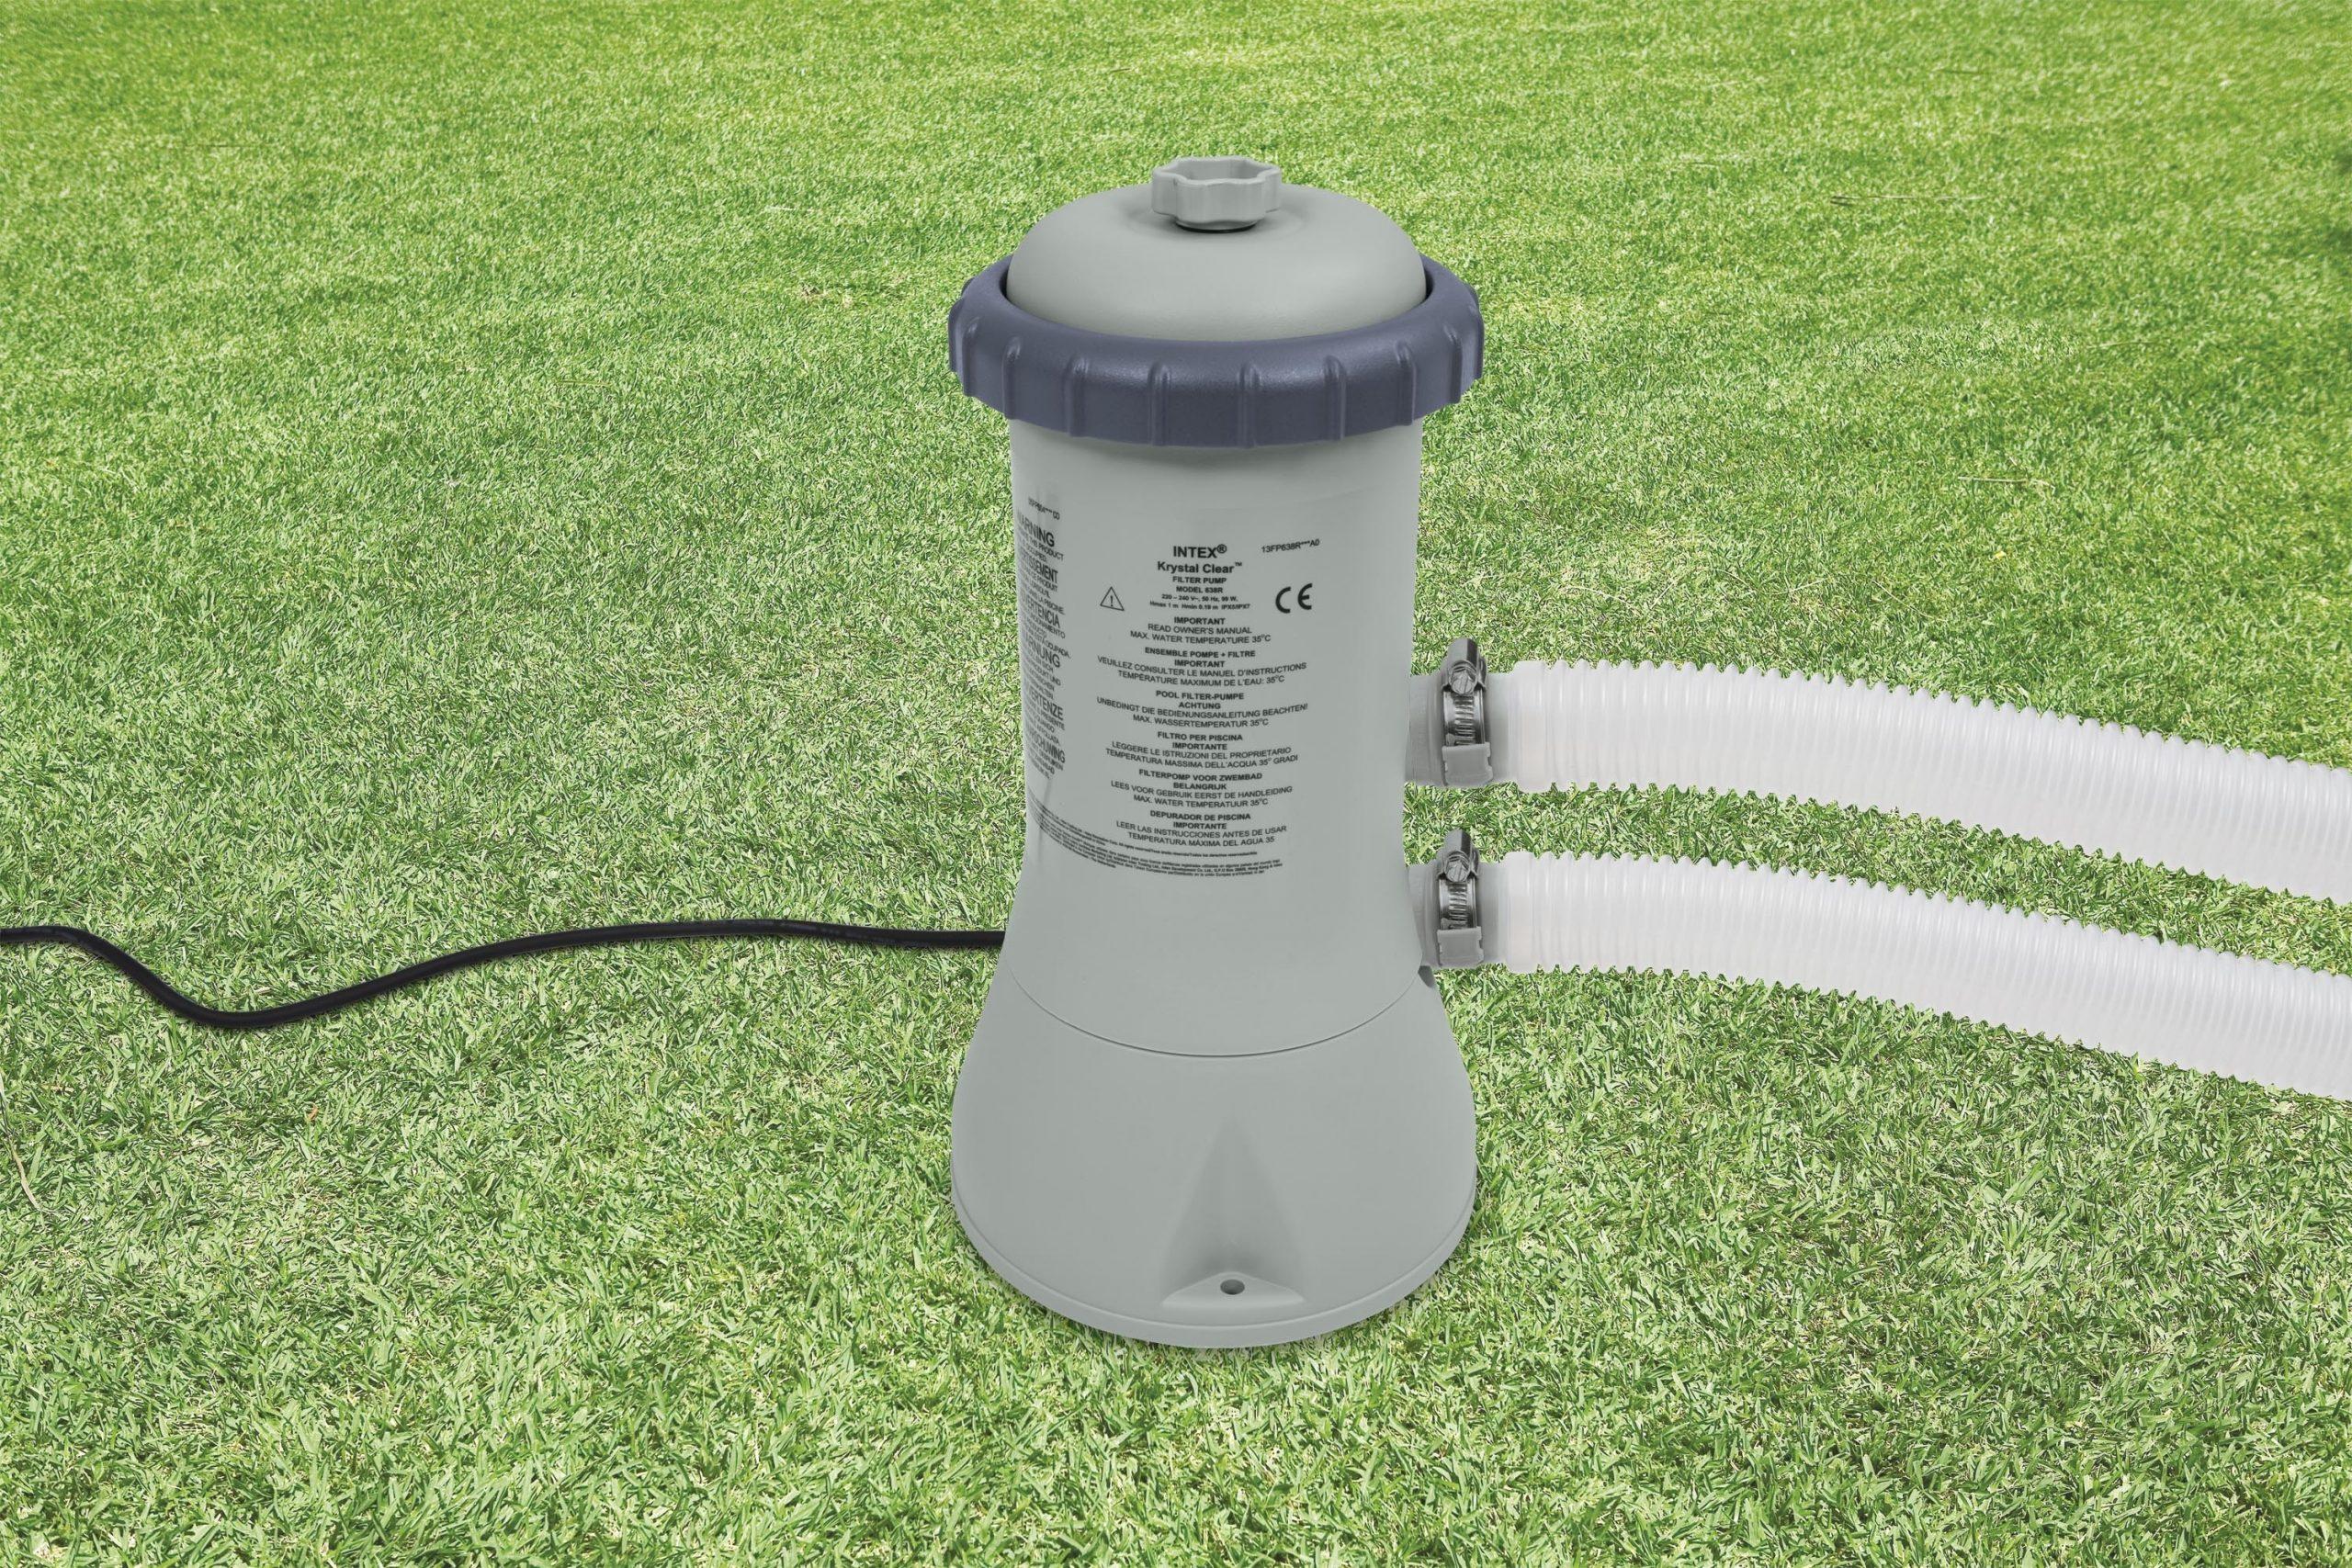 Pompe 3028 L/h Avec Filtre Pour Piscine Intex - Mr.bricolage destiné Pompe Pour Piscine Intex